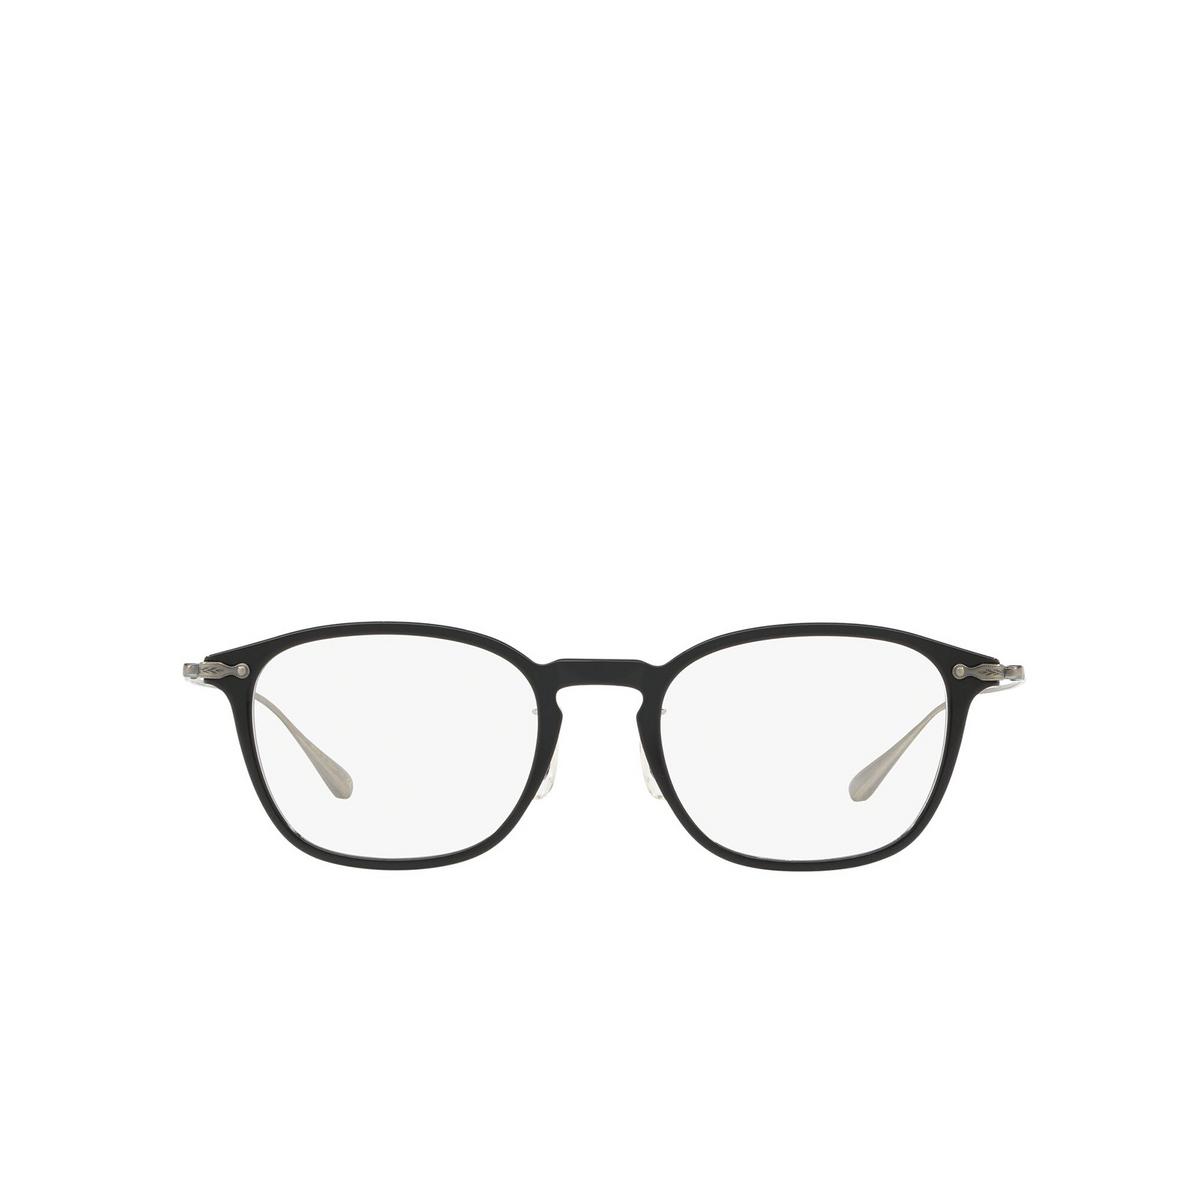 Oliver Peoples® Rectangle Eyeglasses: OV5371D color Black 1005 - front view.